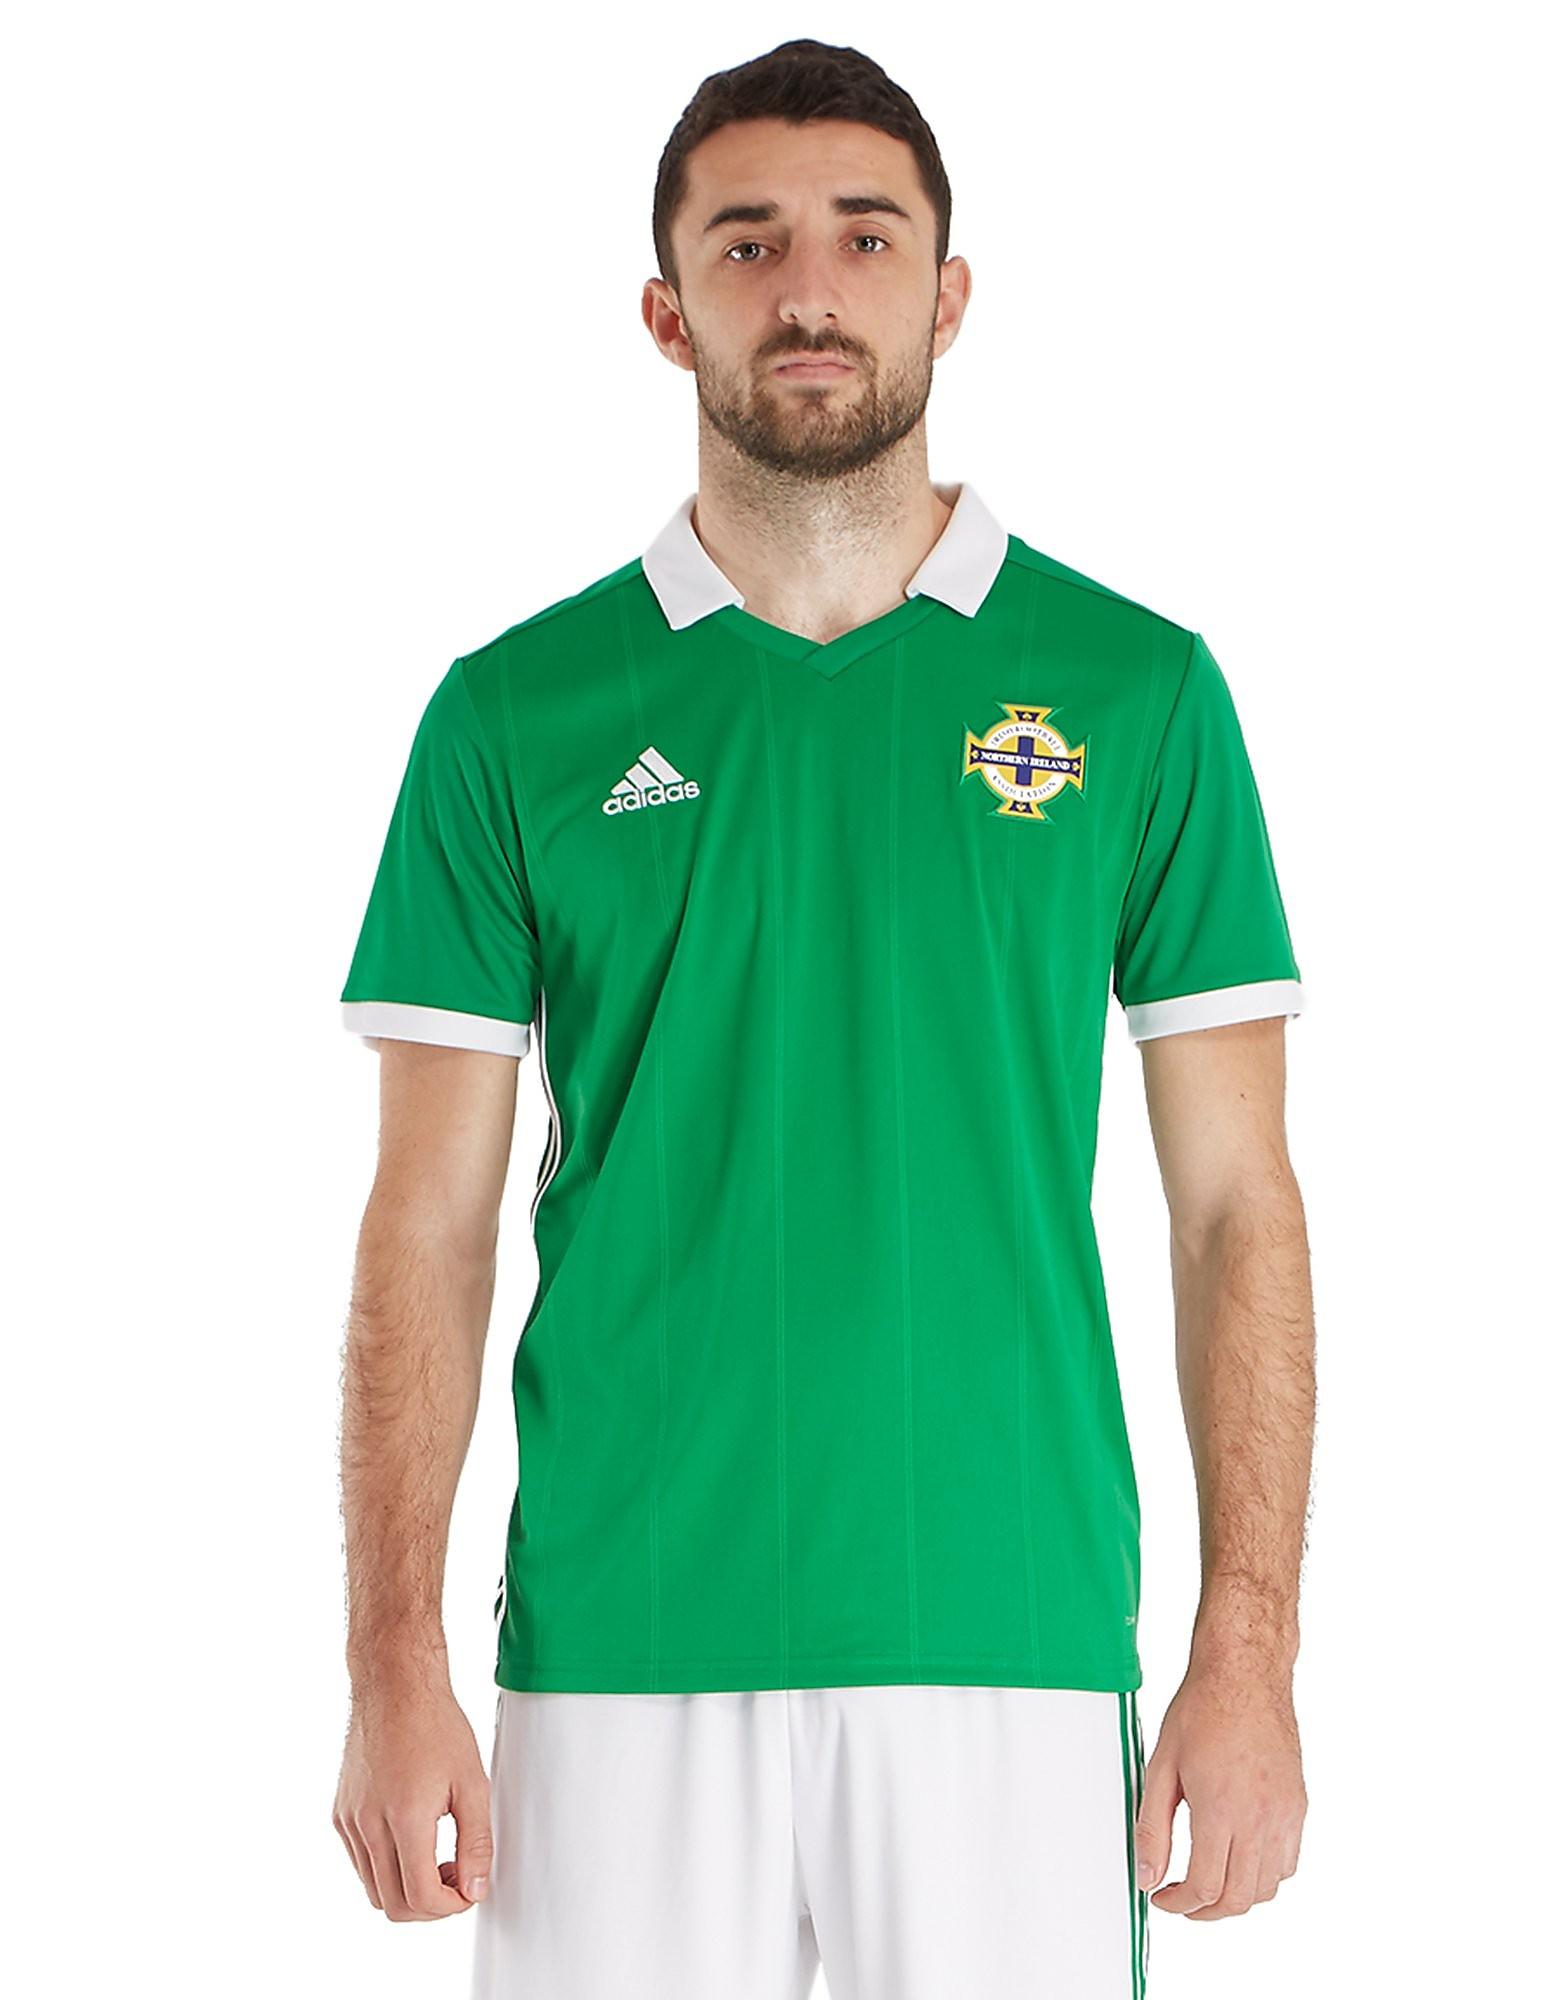 adidas camiseta 1.ª equipación Irlanda del Norte 2017/18